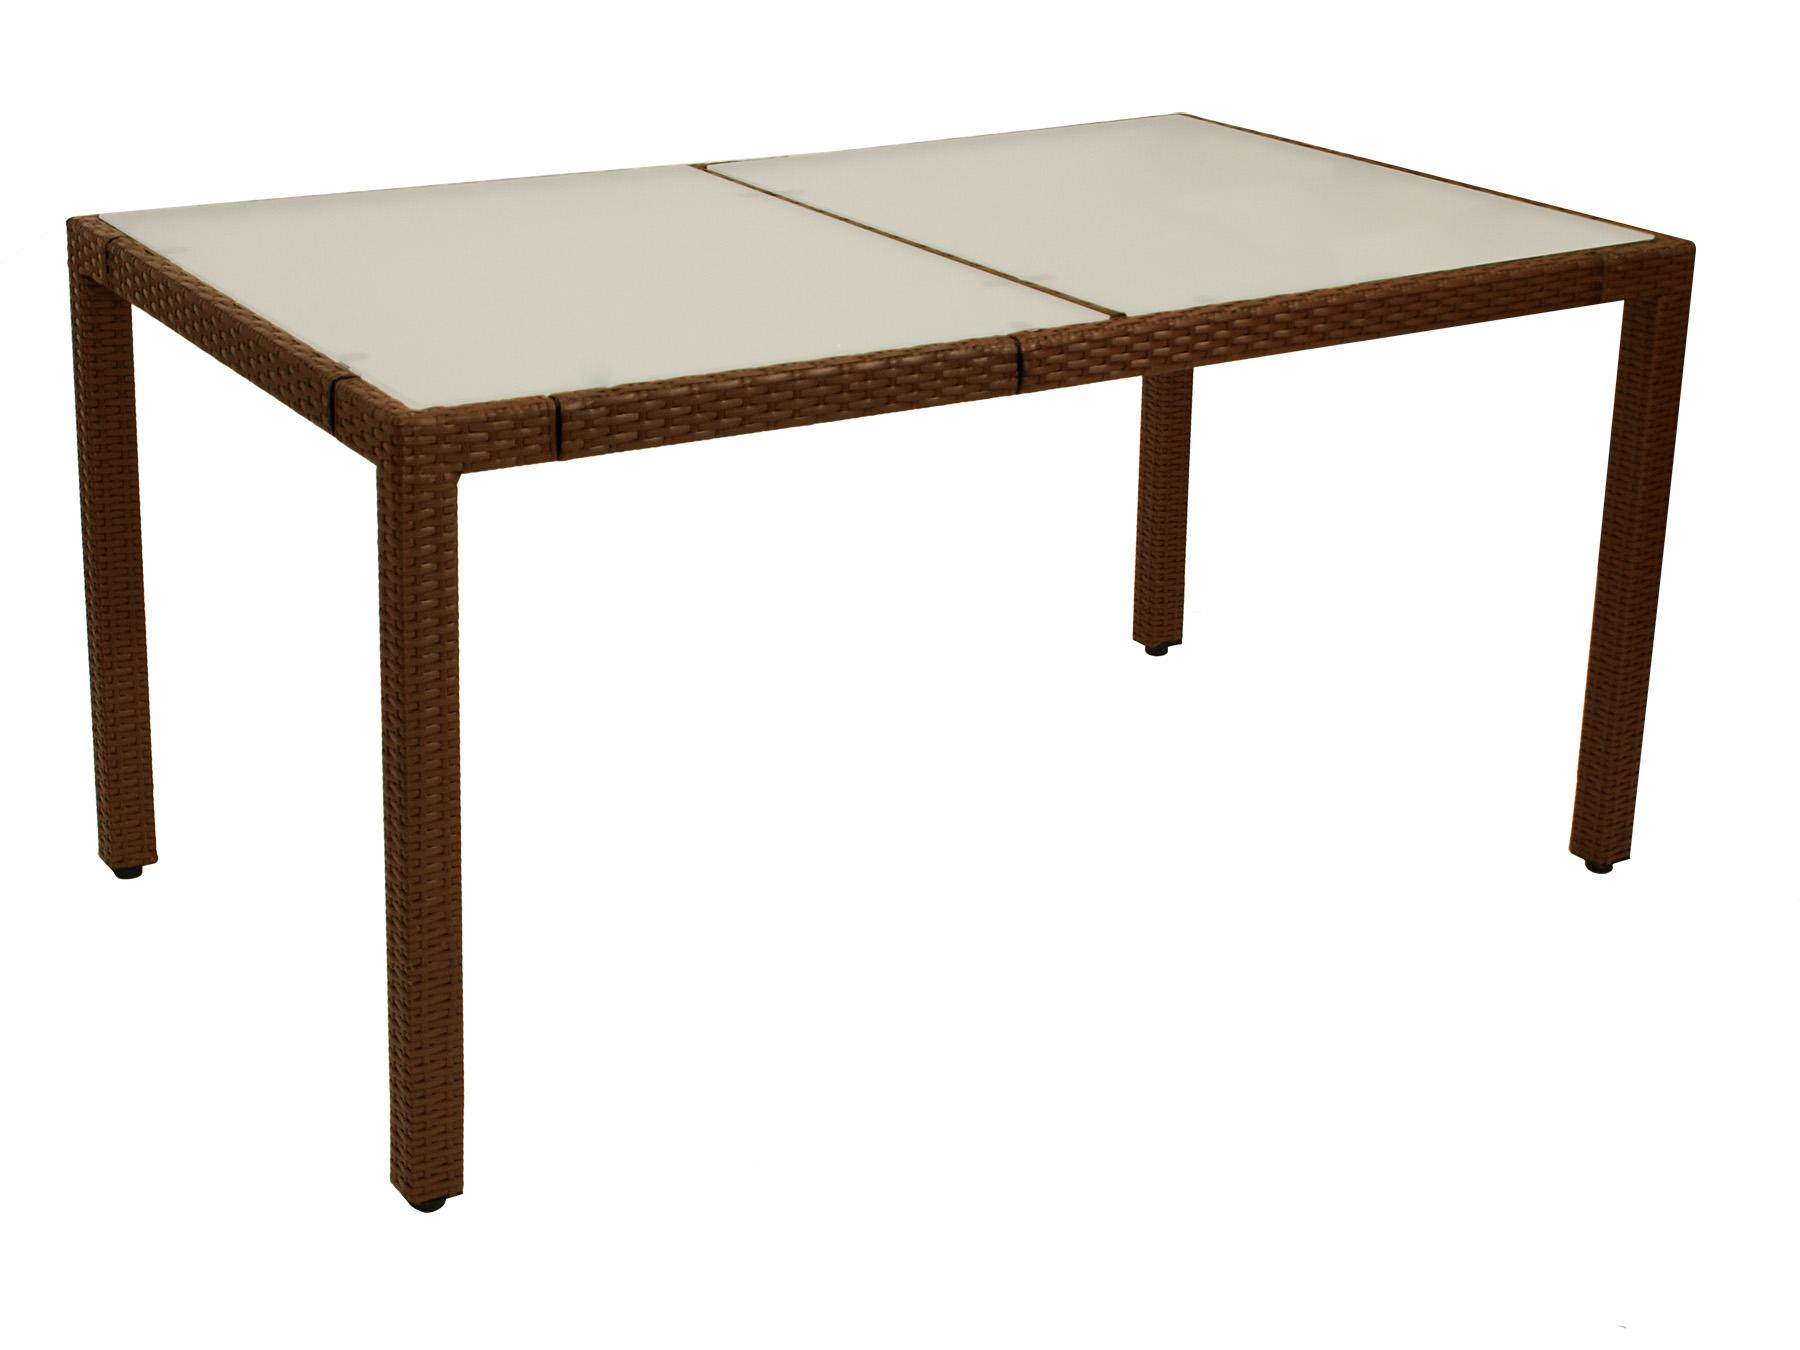 Tisch MONTREUX 150x90cm, Metall + Gefllecht braun, Tischplatte Glas